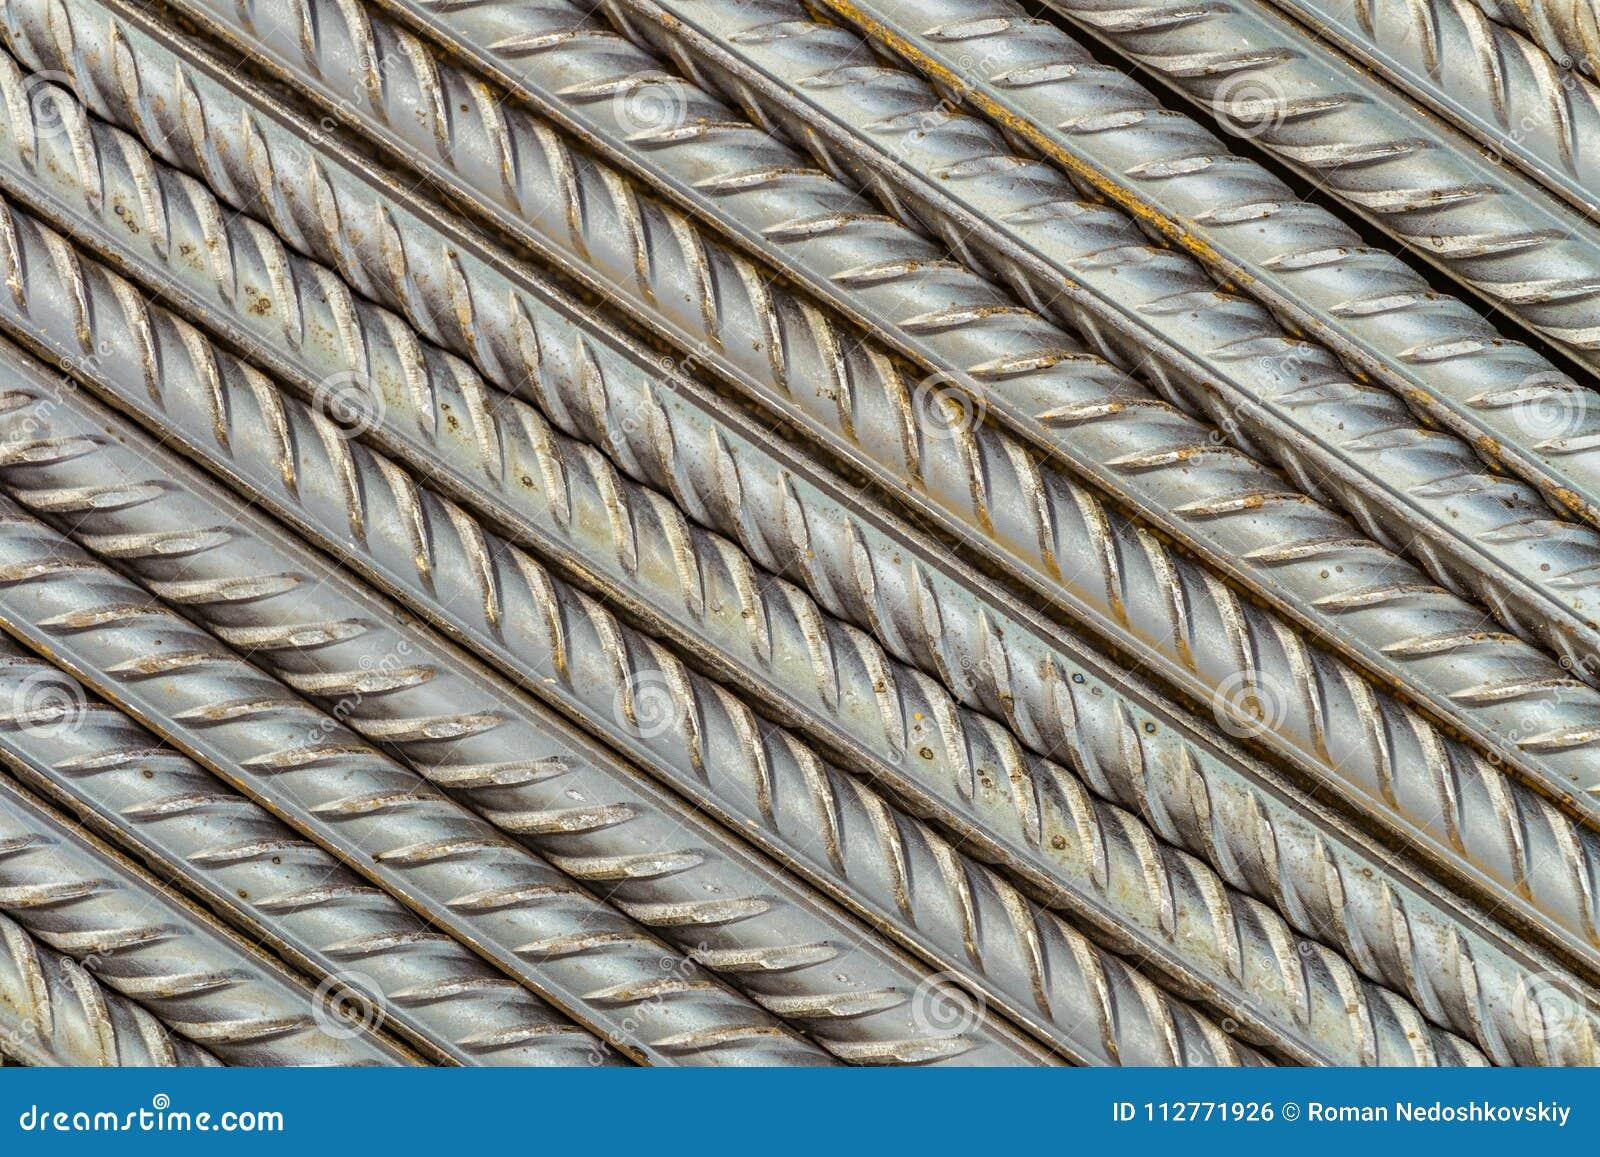 Tiges en acier de barres de renforcement avec le profil périodique, parallèle étendu à la diagonale